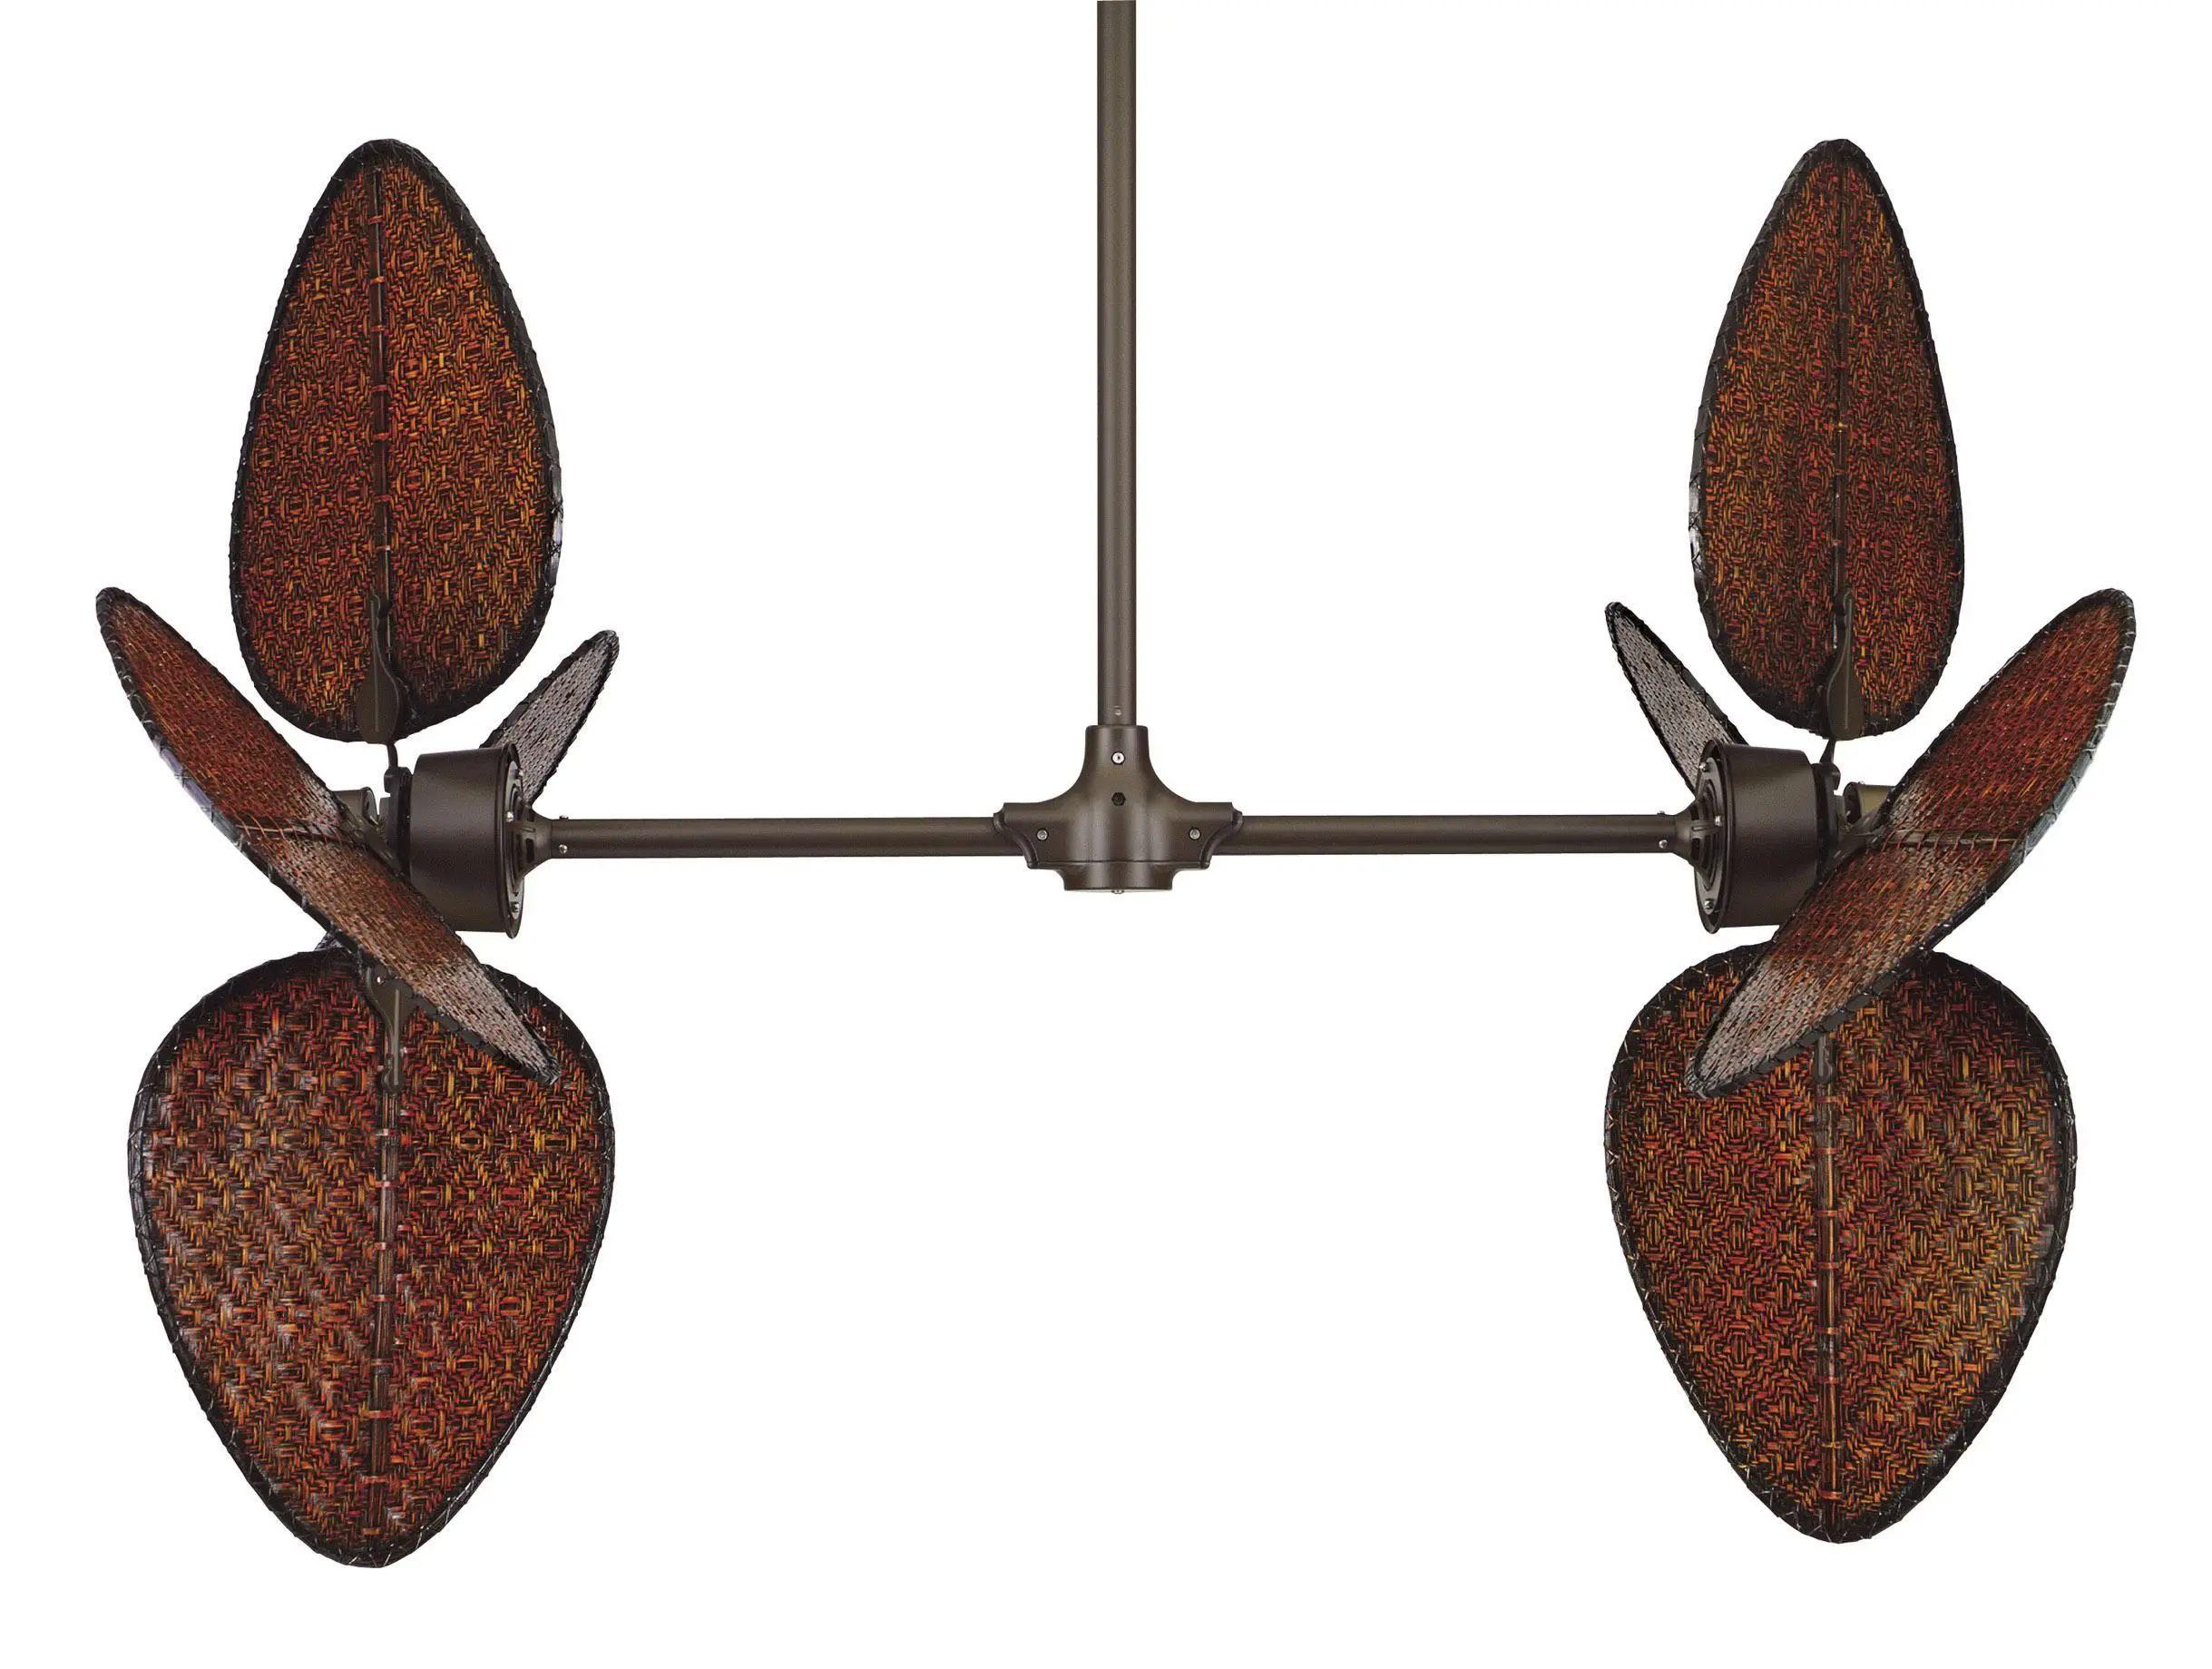 Fanimation Palisade Ceiling Fan In OiL-Rubbed Bronze